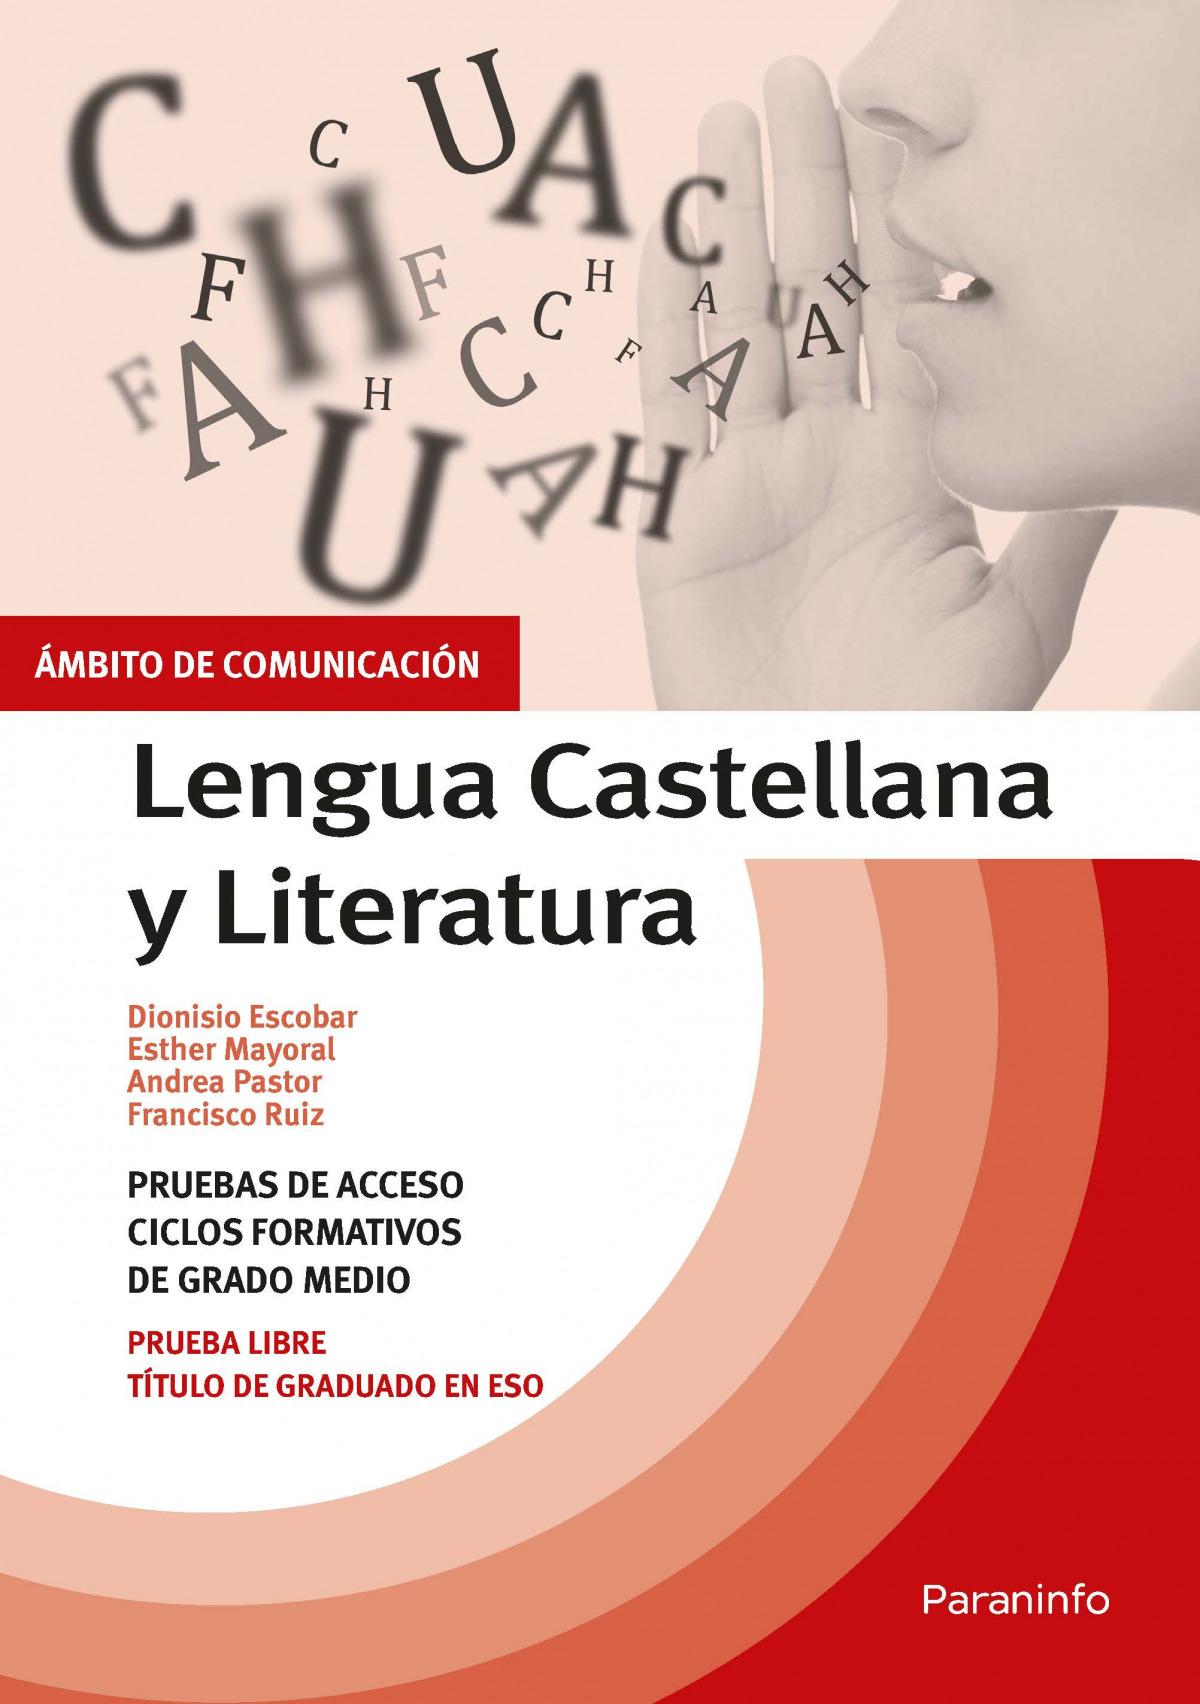 Temario pruebas de acceso a ciclos formativos de grado medio. Ámbito comunicación. Lengua Castellana y Literatura